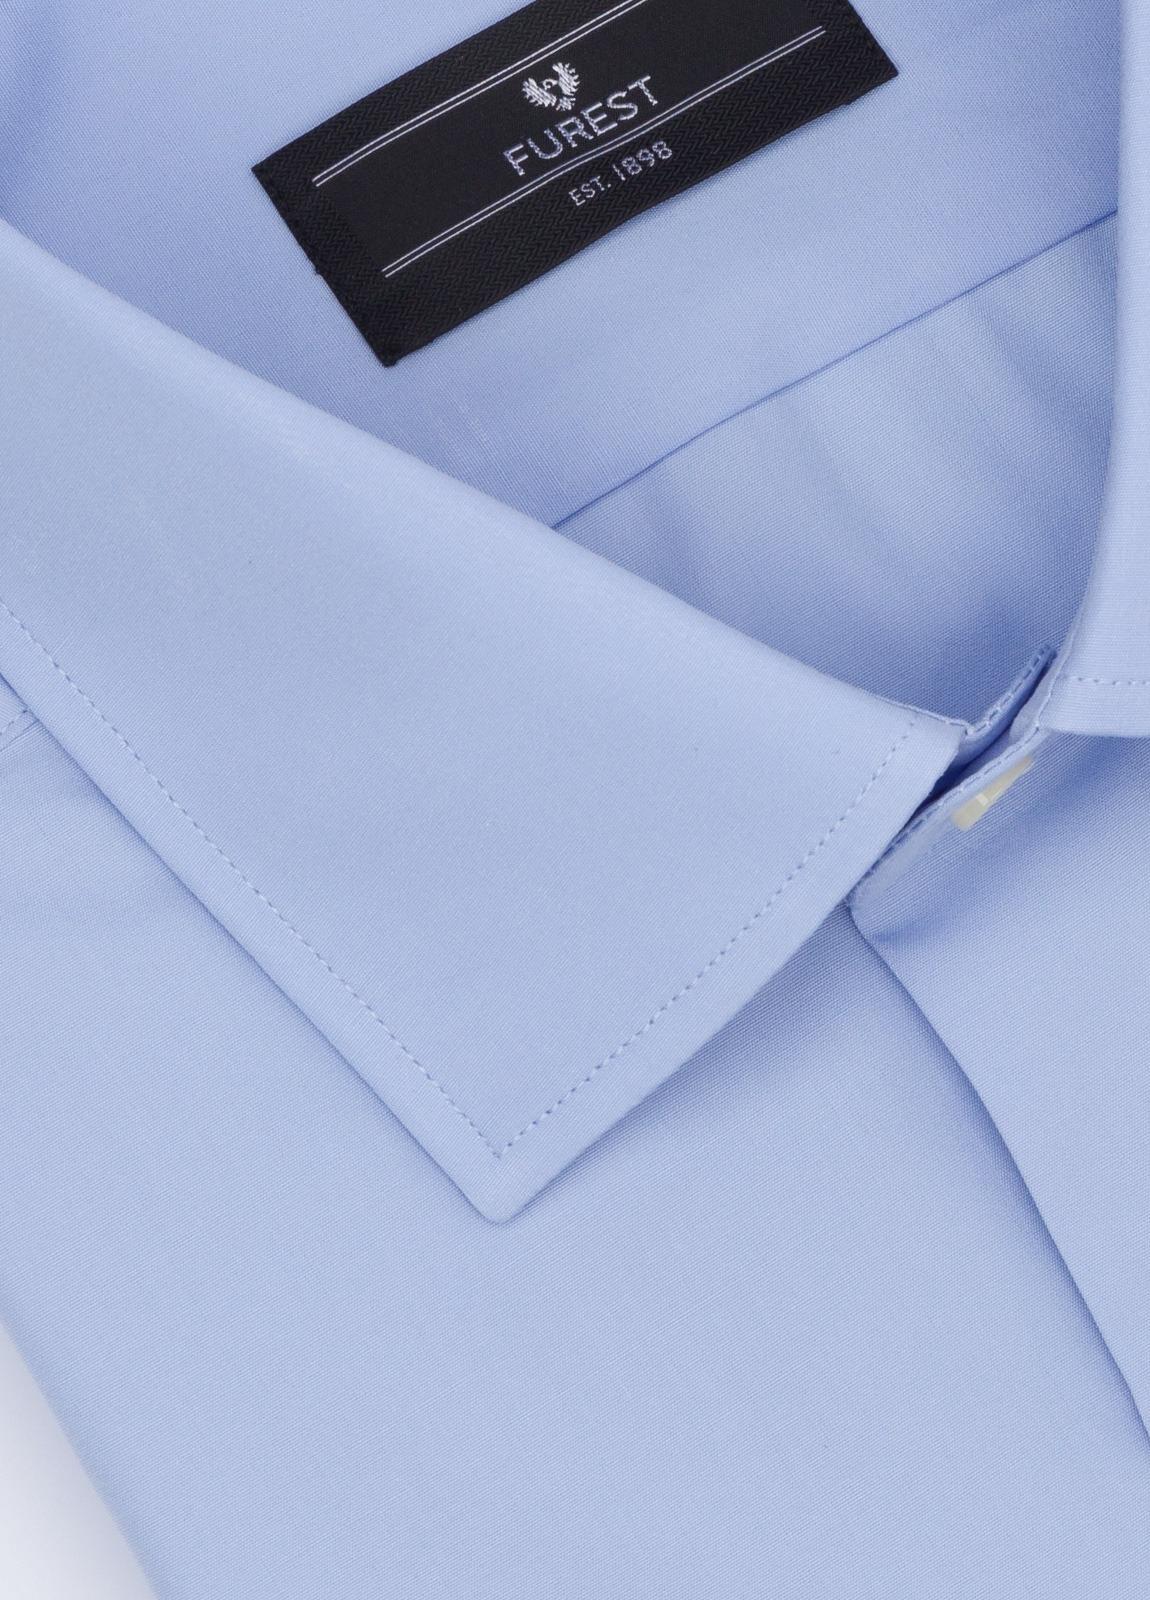 Camisa Formal Wear SLIM FIT cuello italiano modelo ROMA liso color azul. 100% Algodón Popelin. Fácil planchado. - Ítem1